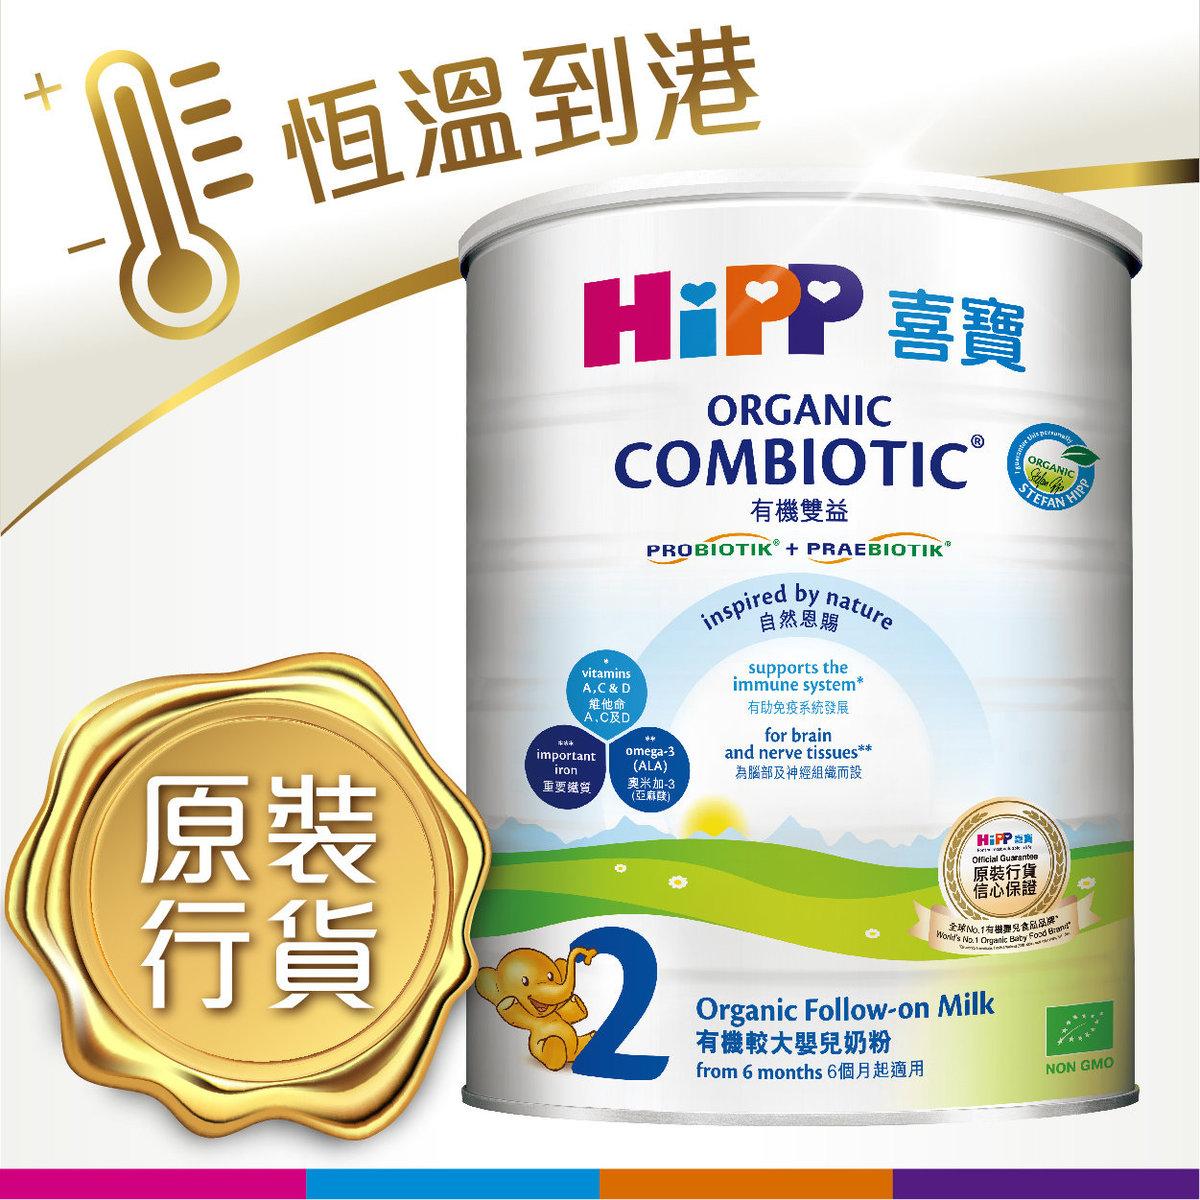 HiPP喜寶奶粉 - 2號雙益較大嬰兒奶粉 (800克)